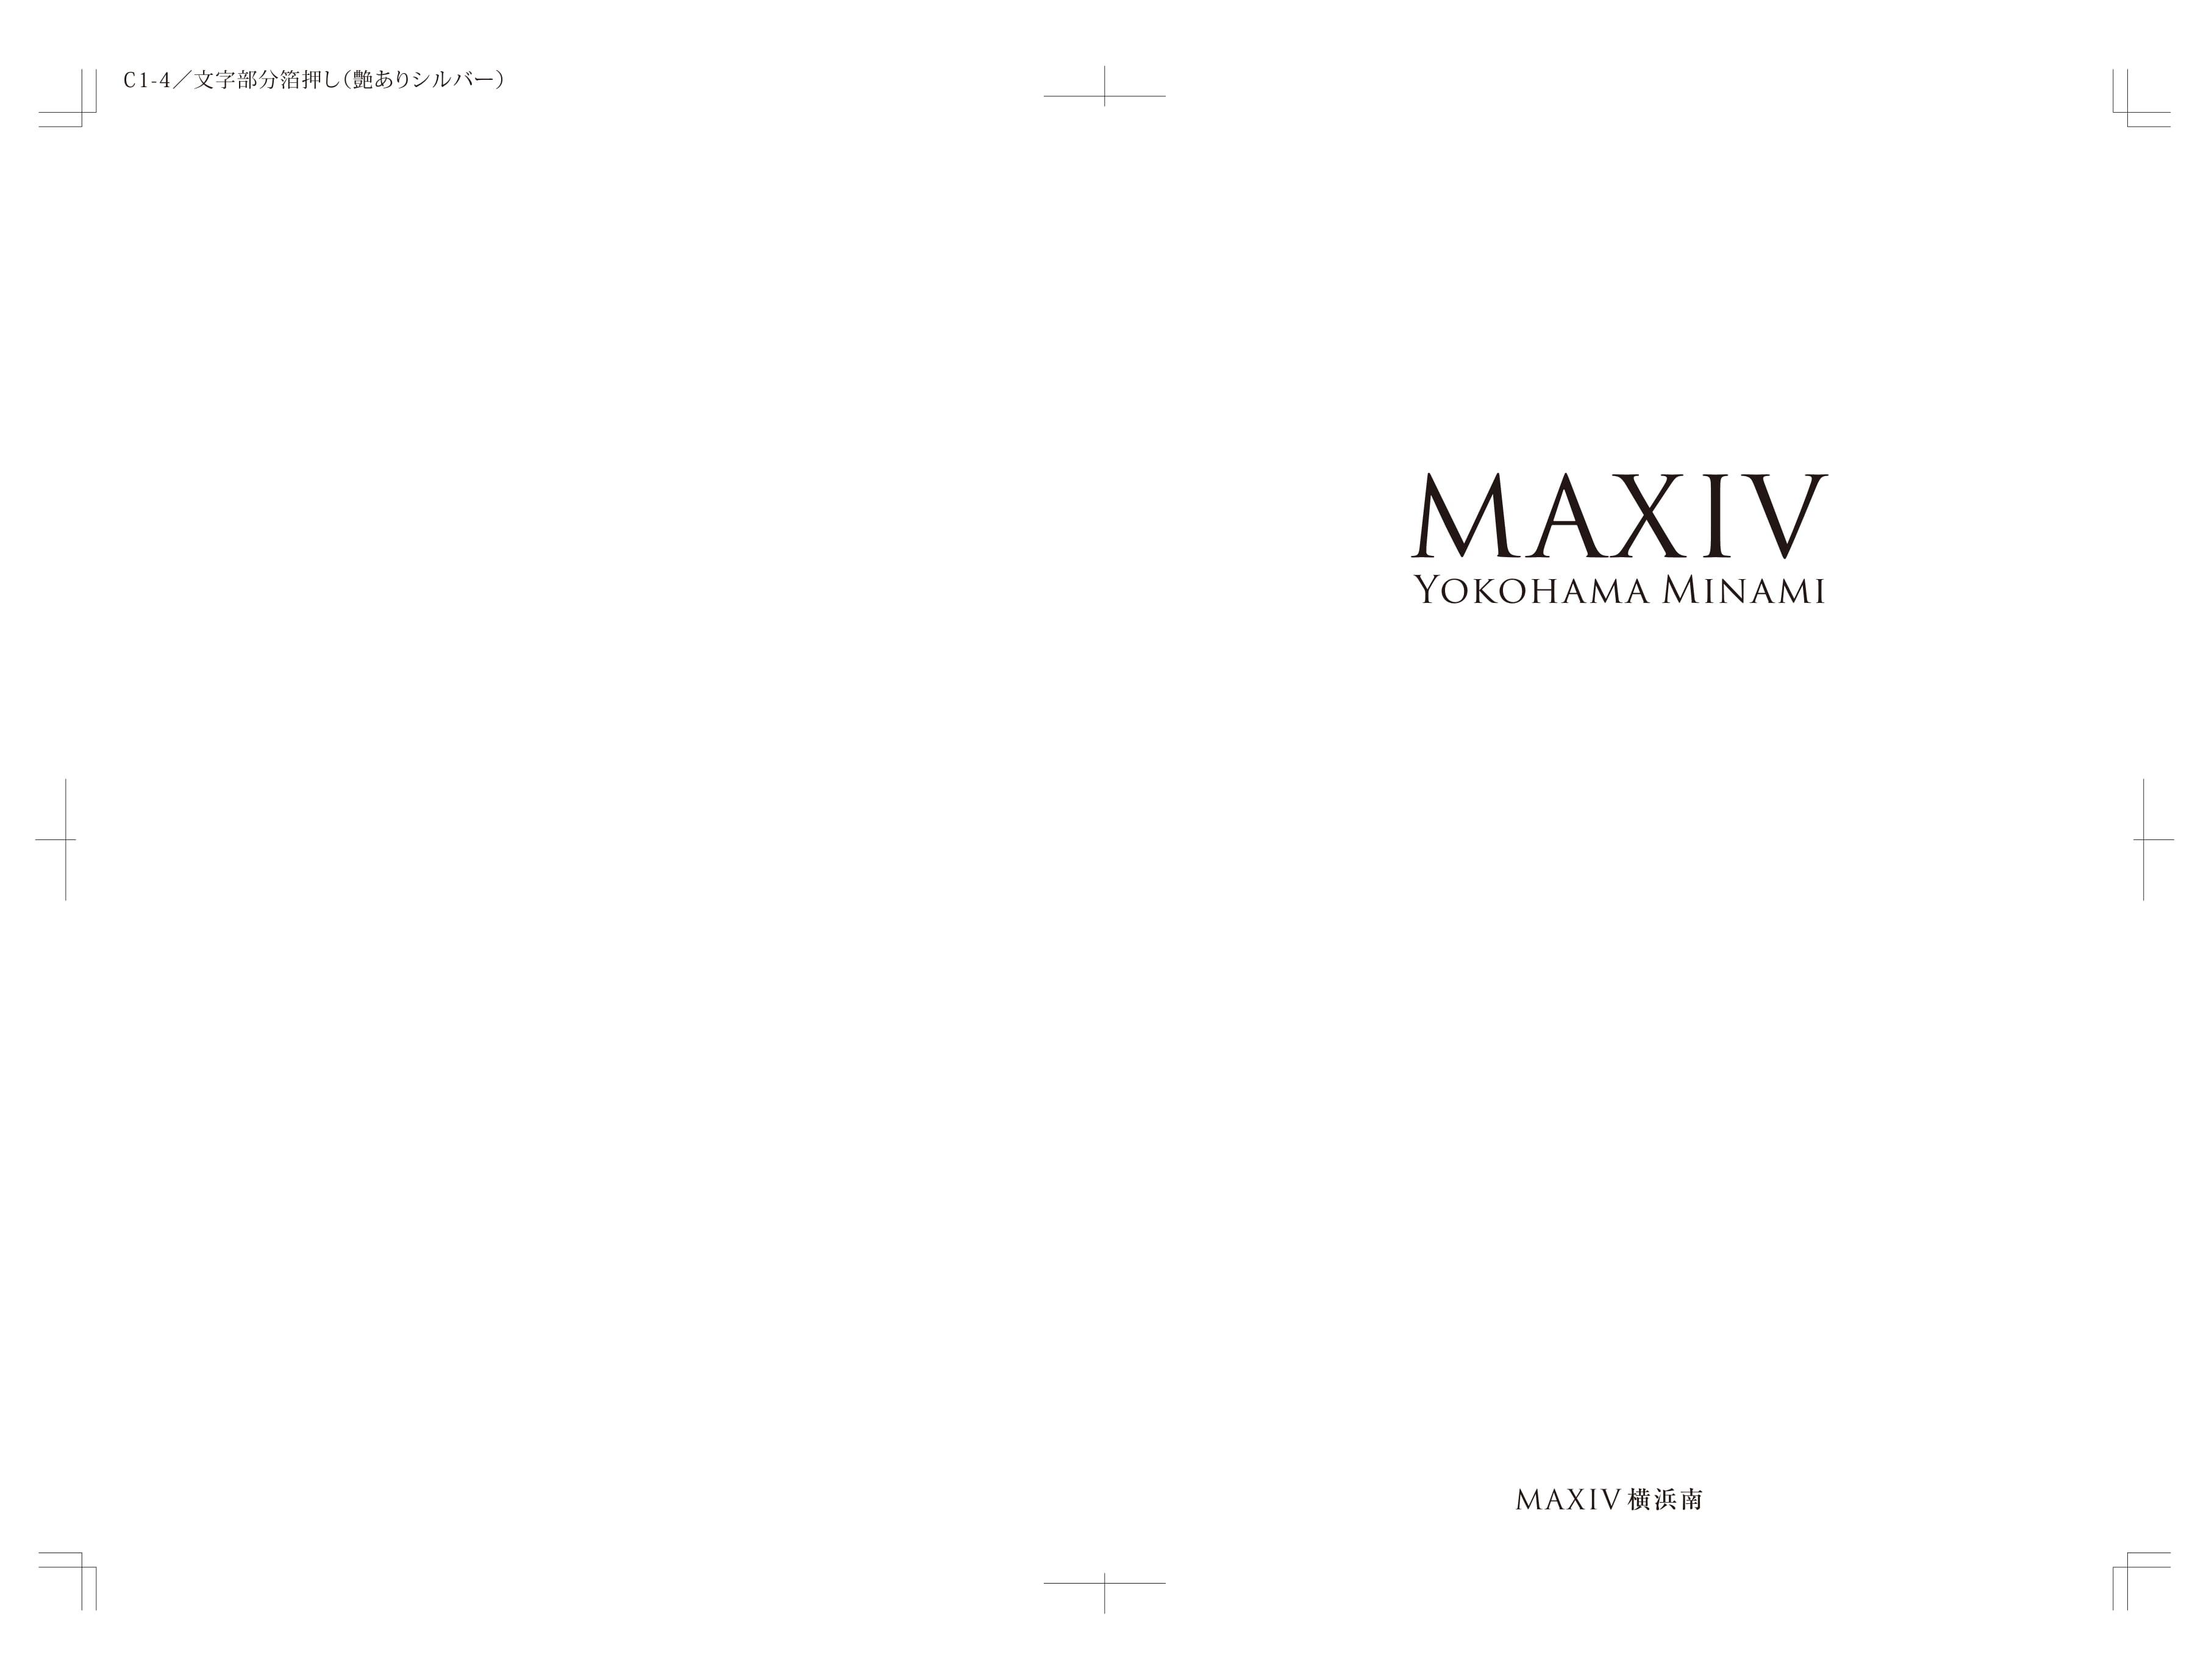 MAXIV横浜南-パンフ_200612C-02